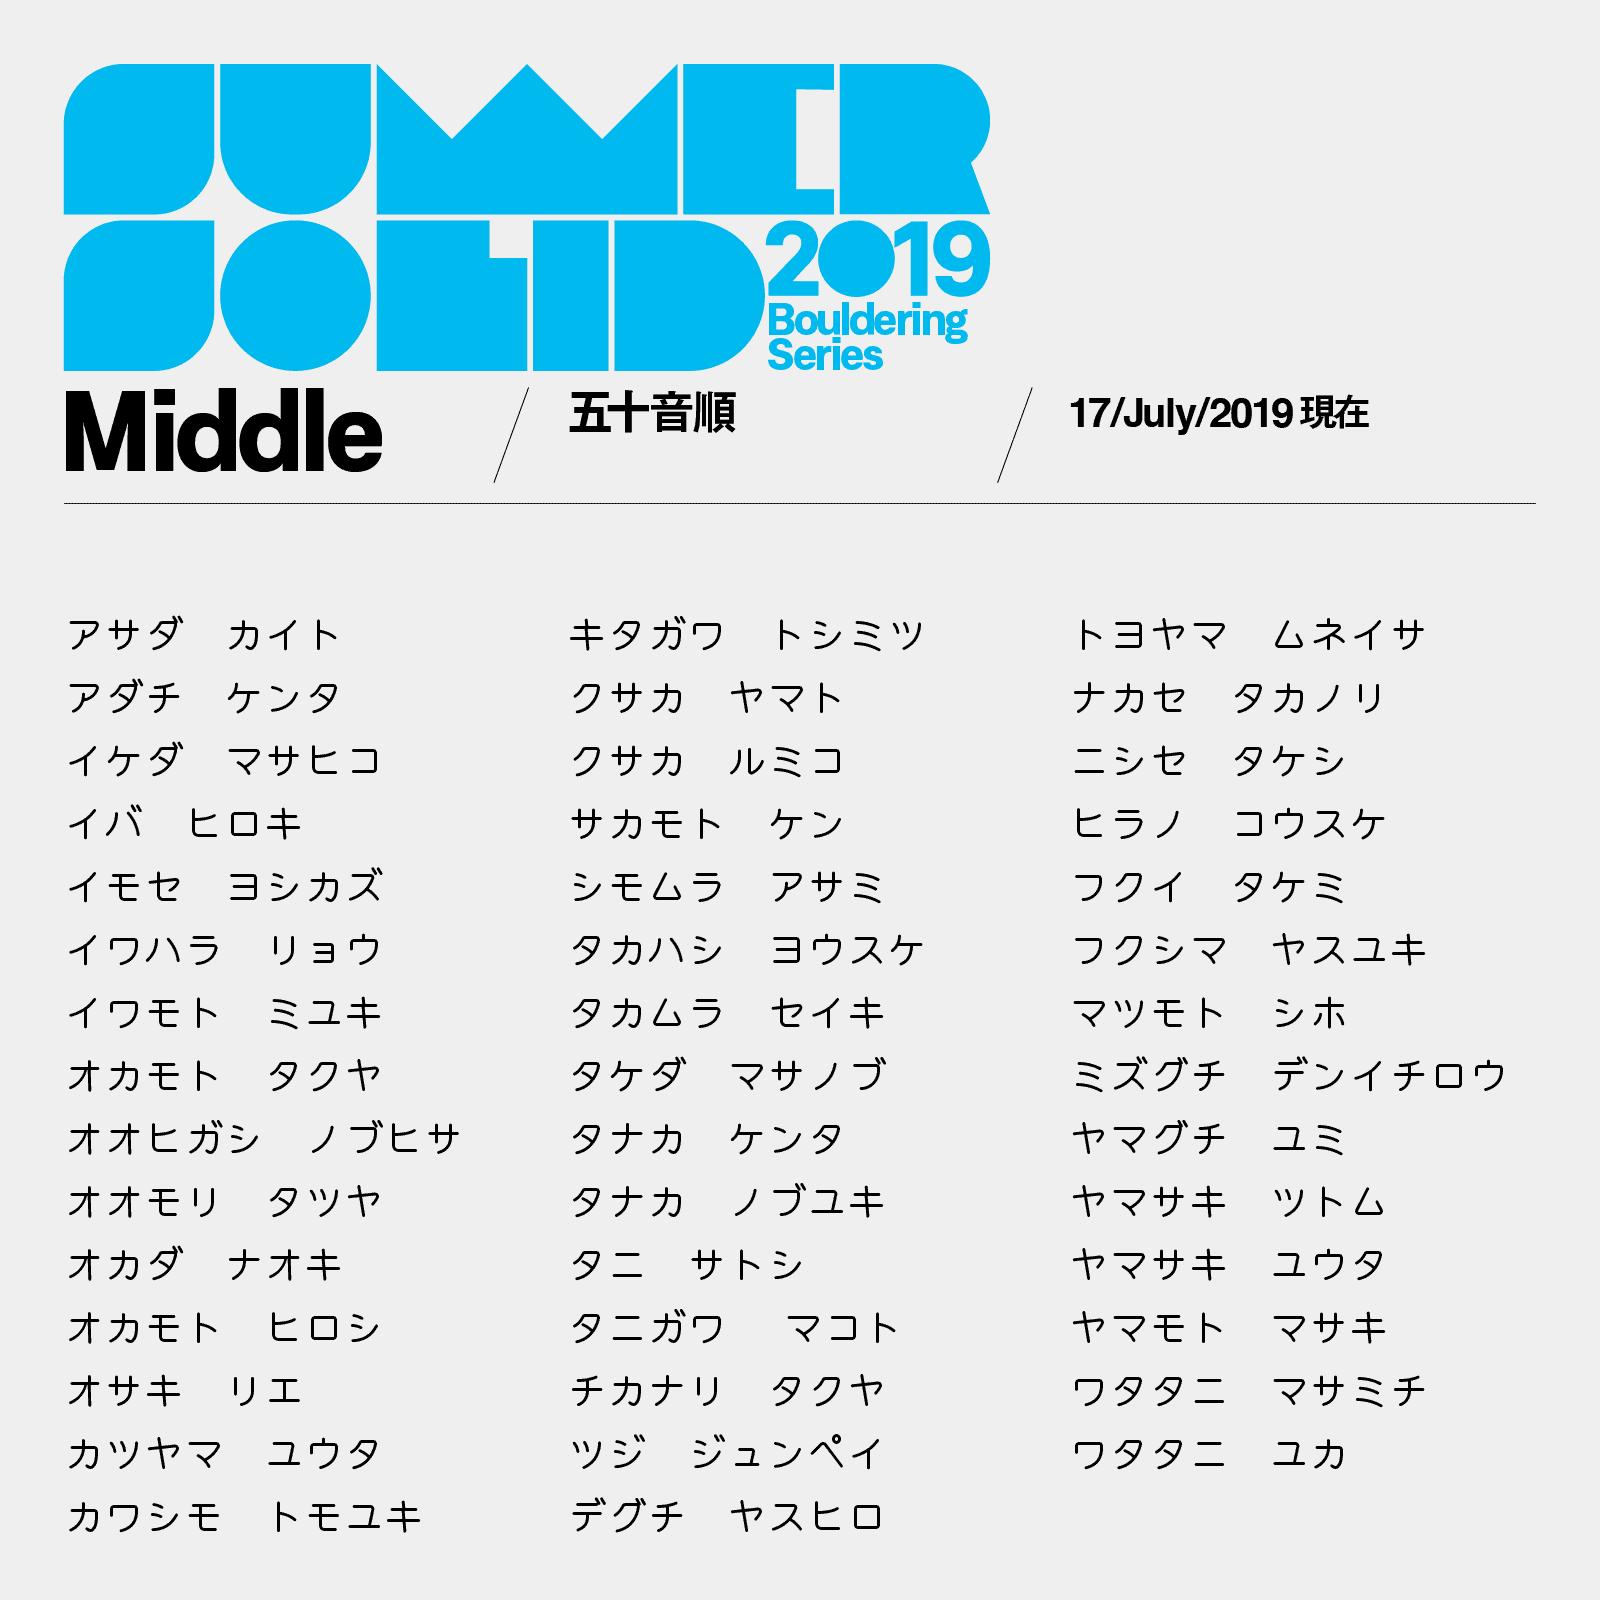 サマソリMiddleカテゴリ参加者リスト